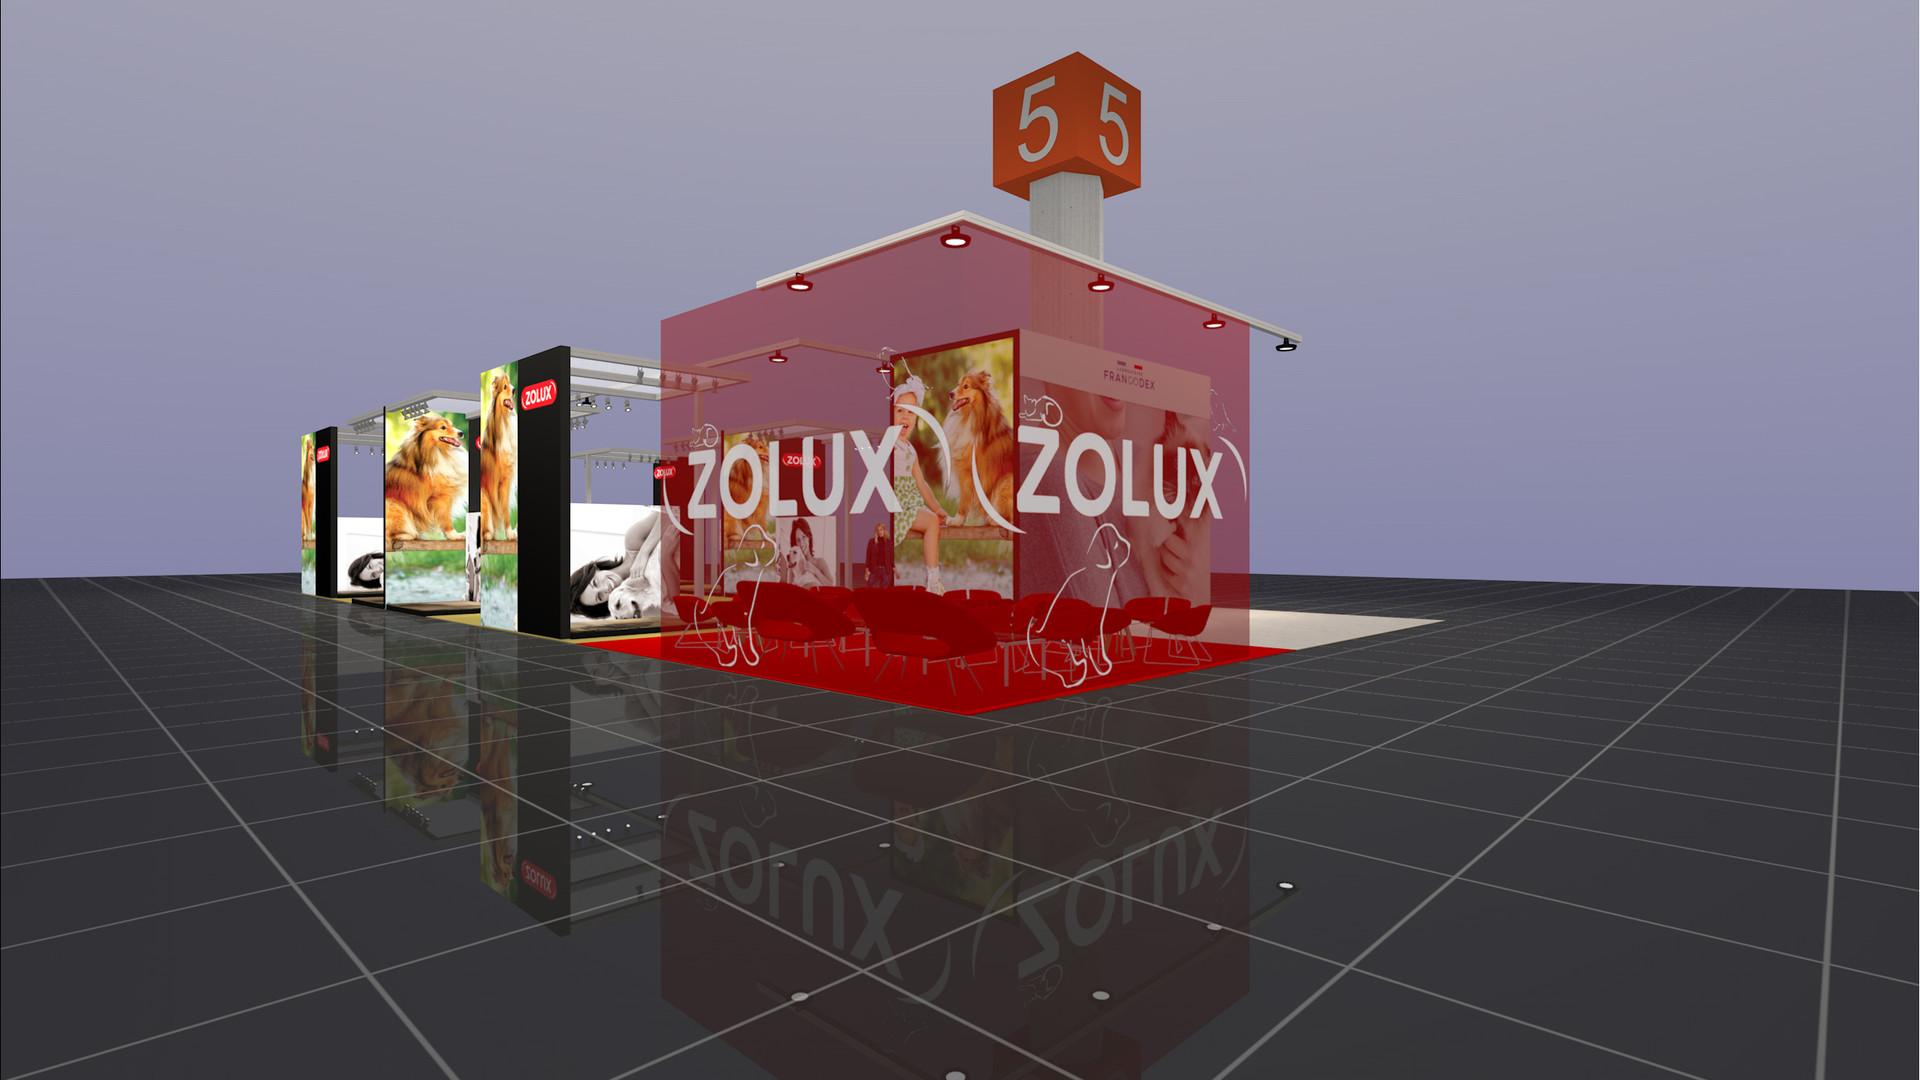 Zolux_3D_2020_02cb 001 003.jpg